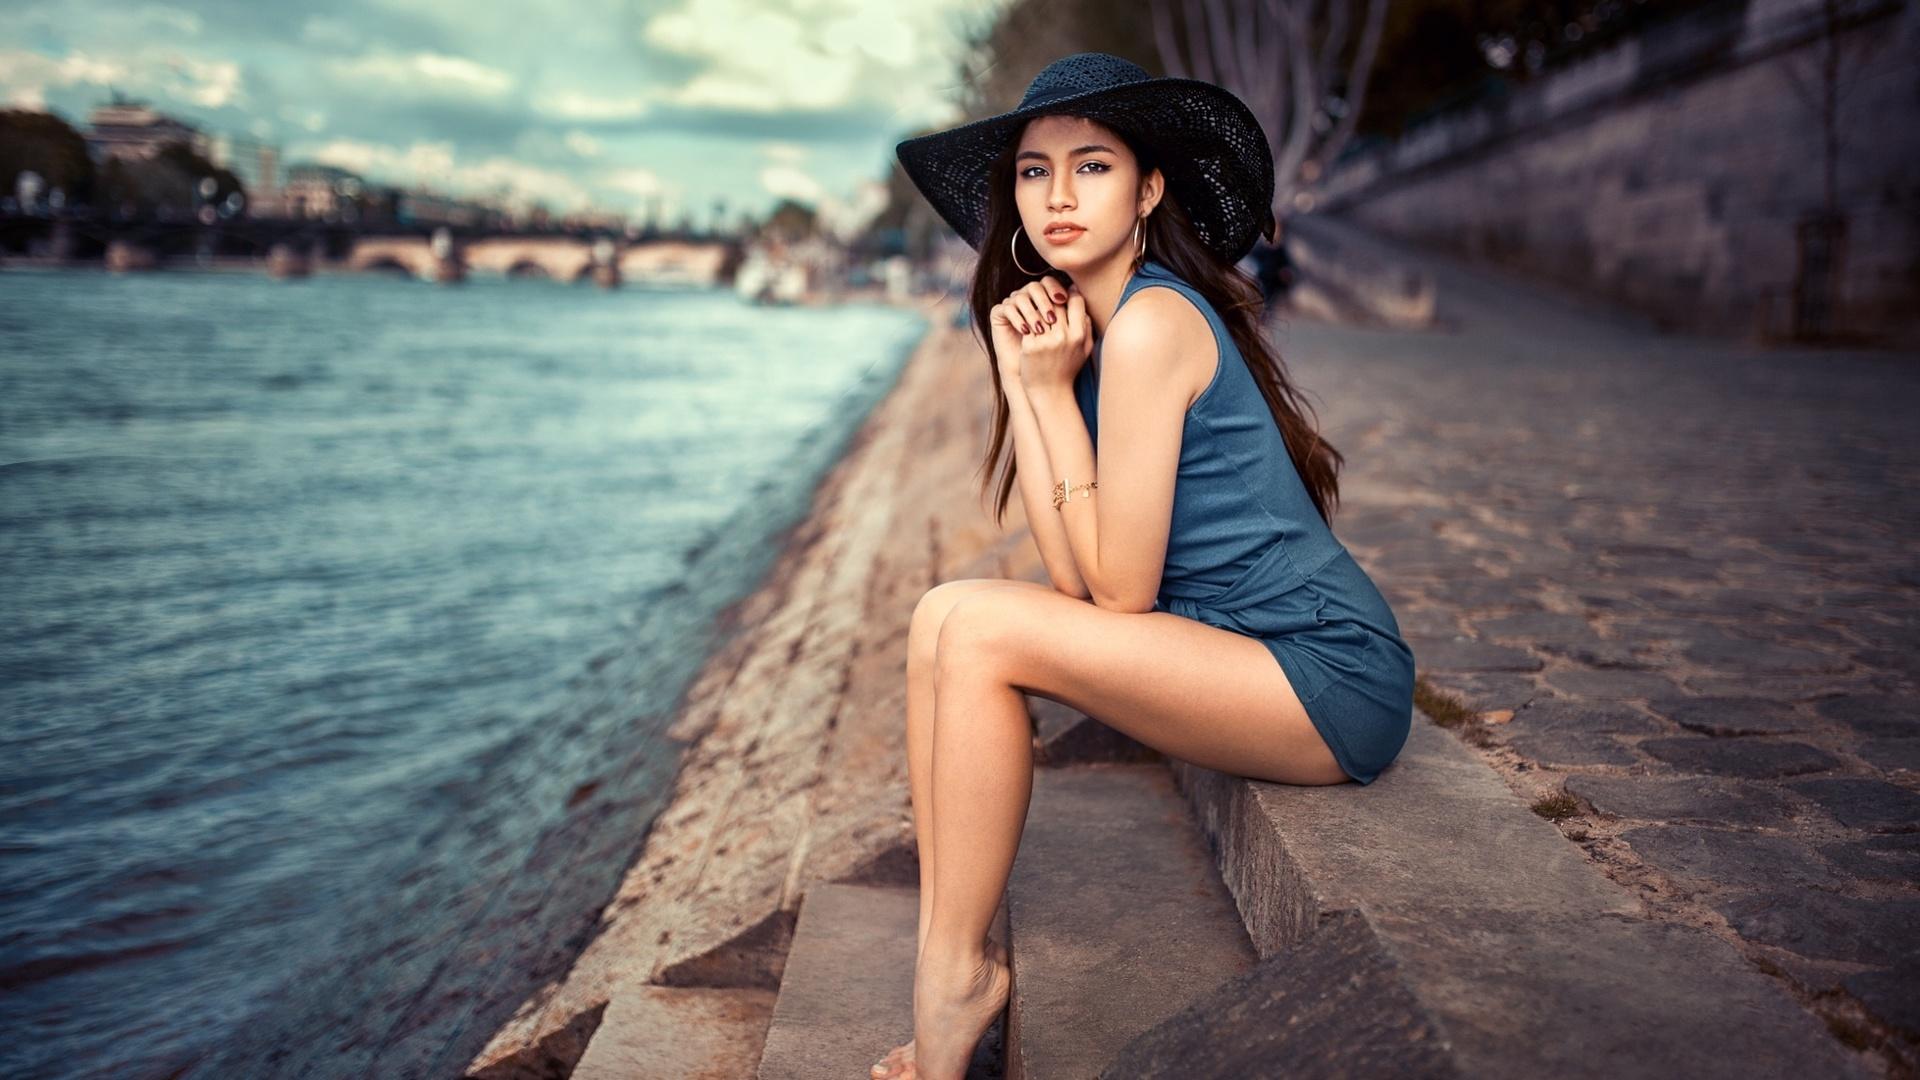 lods franck, photographer, девушка, брюнетка, модель, взгляд, платье, ножки, шляпа, набережная